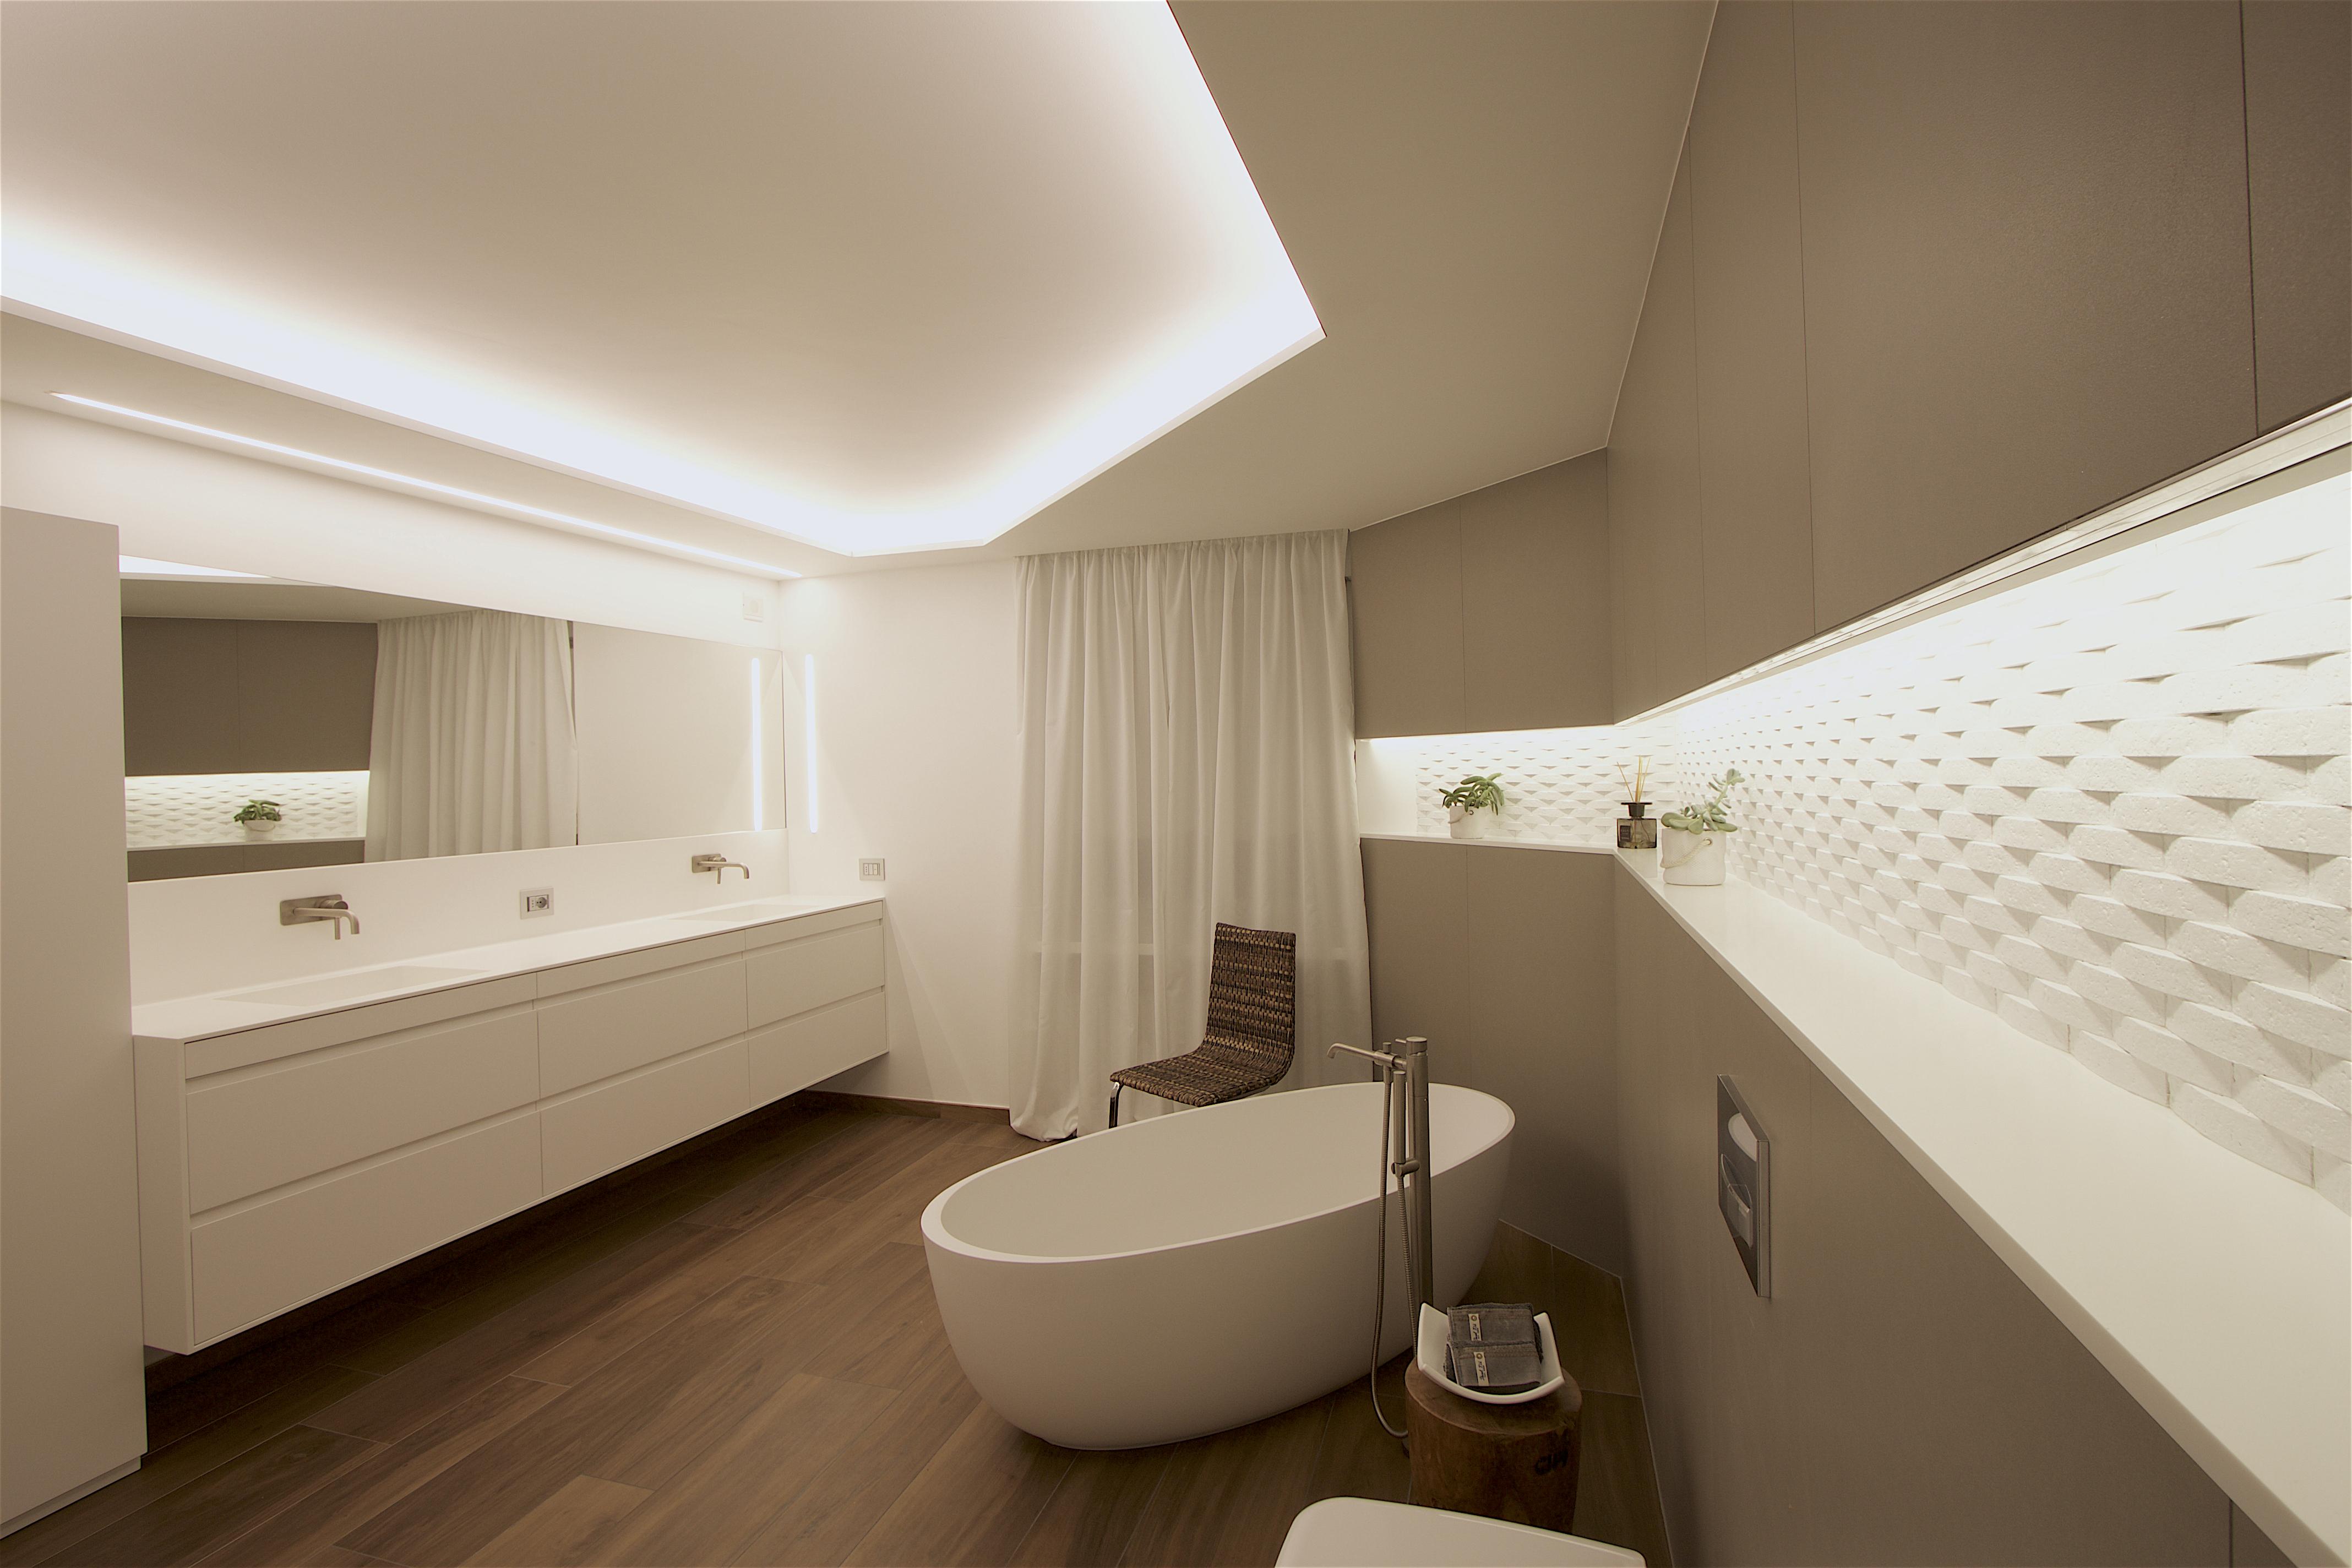 Piano Lavabo In Corian mobile lavabo planit in corian® completamente personalizzato